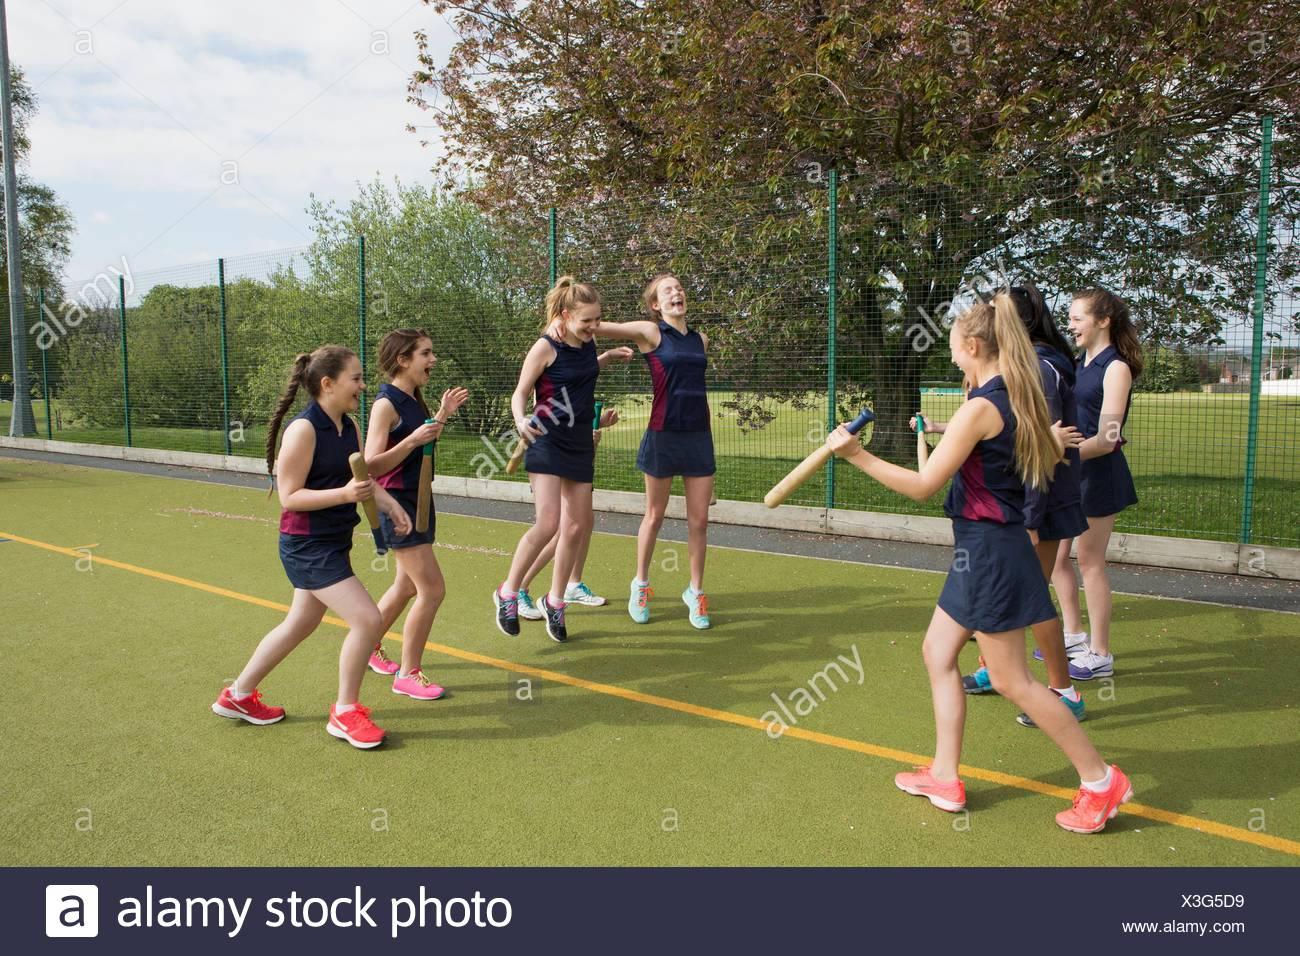 Groupe de filles sur terrain de sport avec des battes de base-ball Photo Stock